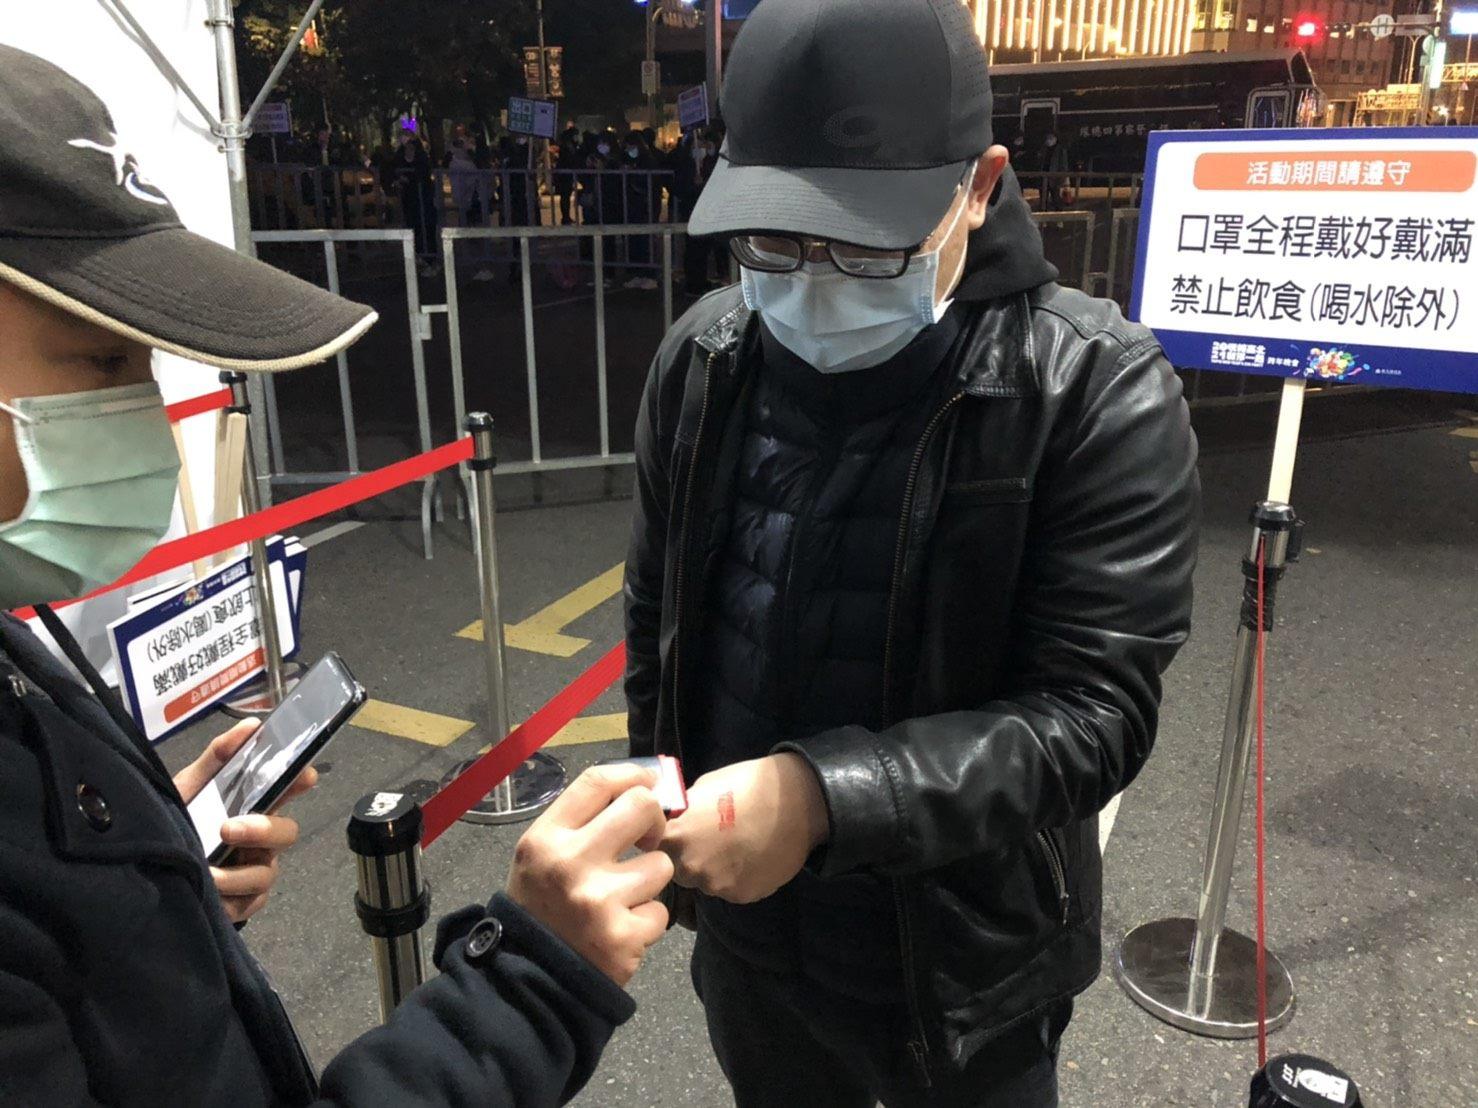 臺北跨年晚會照常舉辦,現場依中央規定做好防疫管制,實施實(聯)名制、量測體溫等措施,民眾也都配合口罩戴好戴滿。